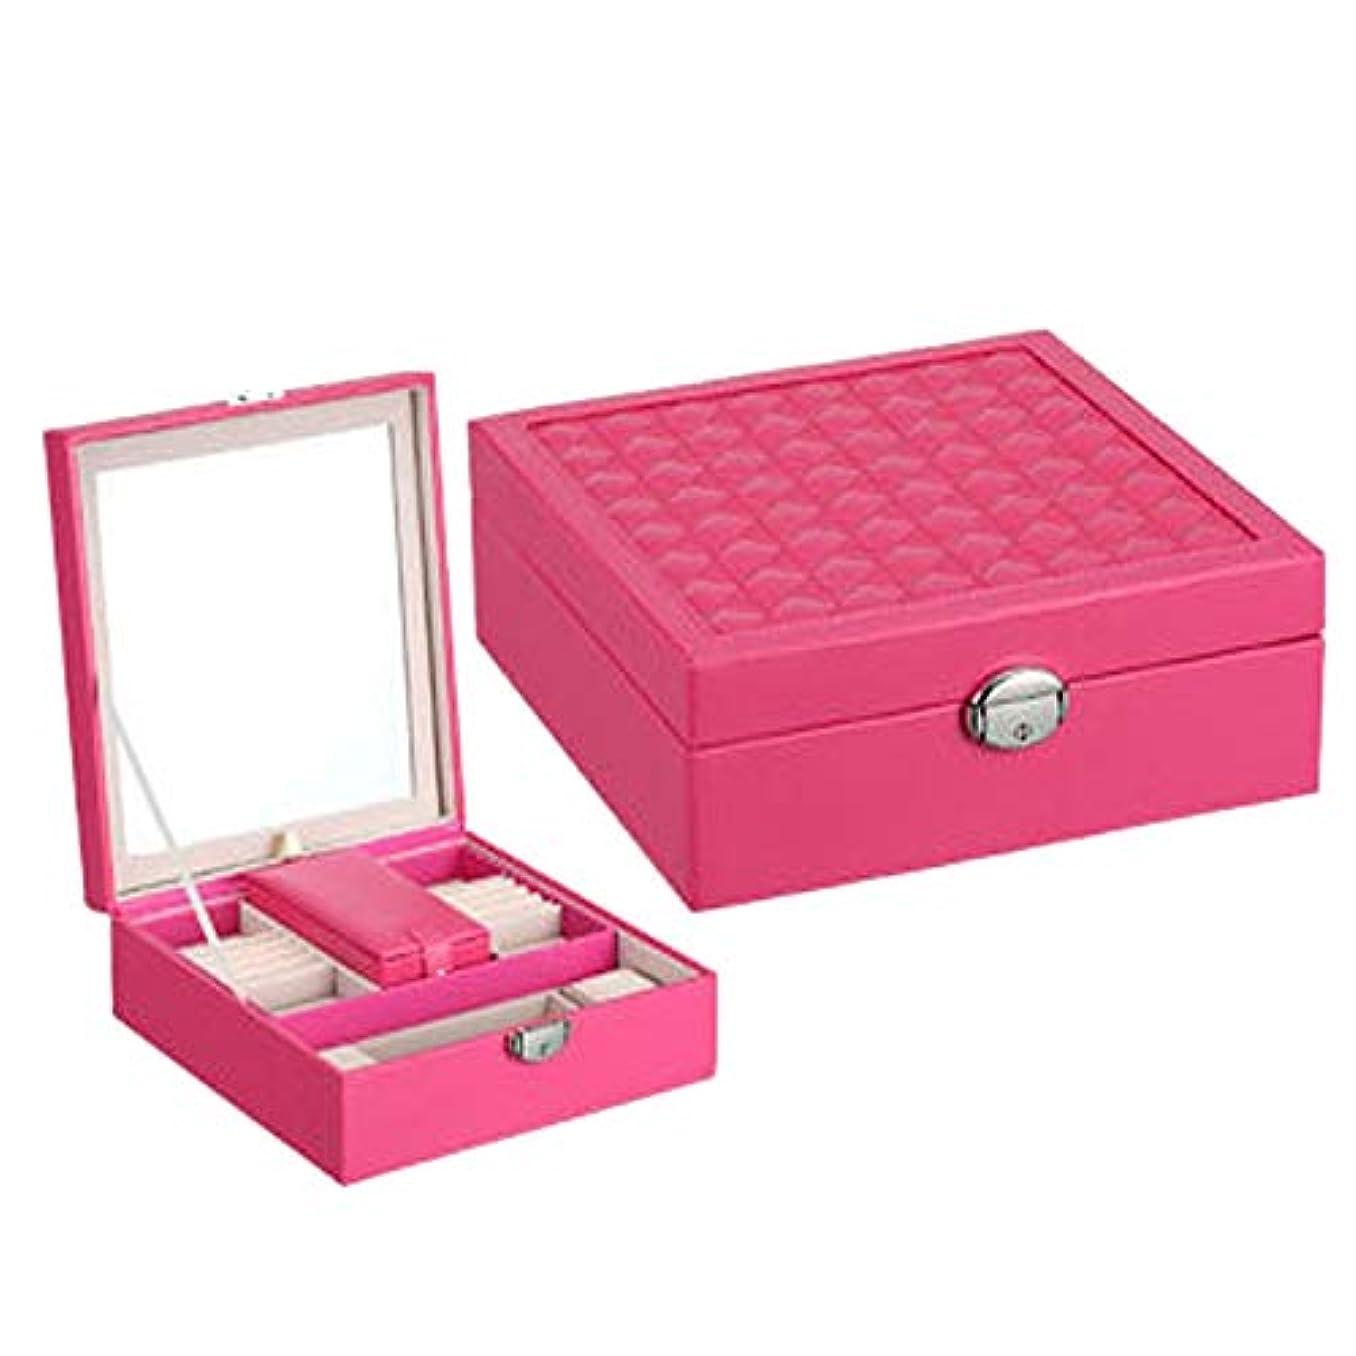 急降下注入フラフープ化粧オーガナイザーバッグ 小さなアイテムのストレージのための丈夫な女性のジュエリーの収納ボックス 化粧品ケース (色 : ローズレッド)